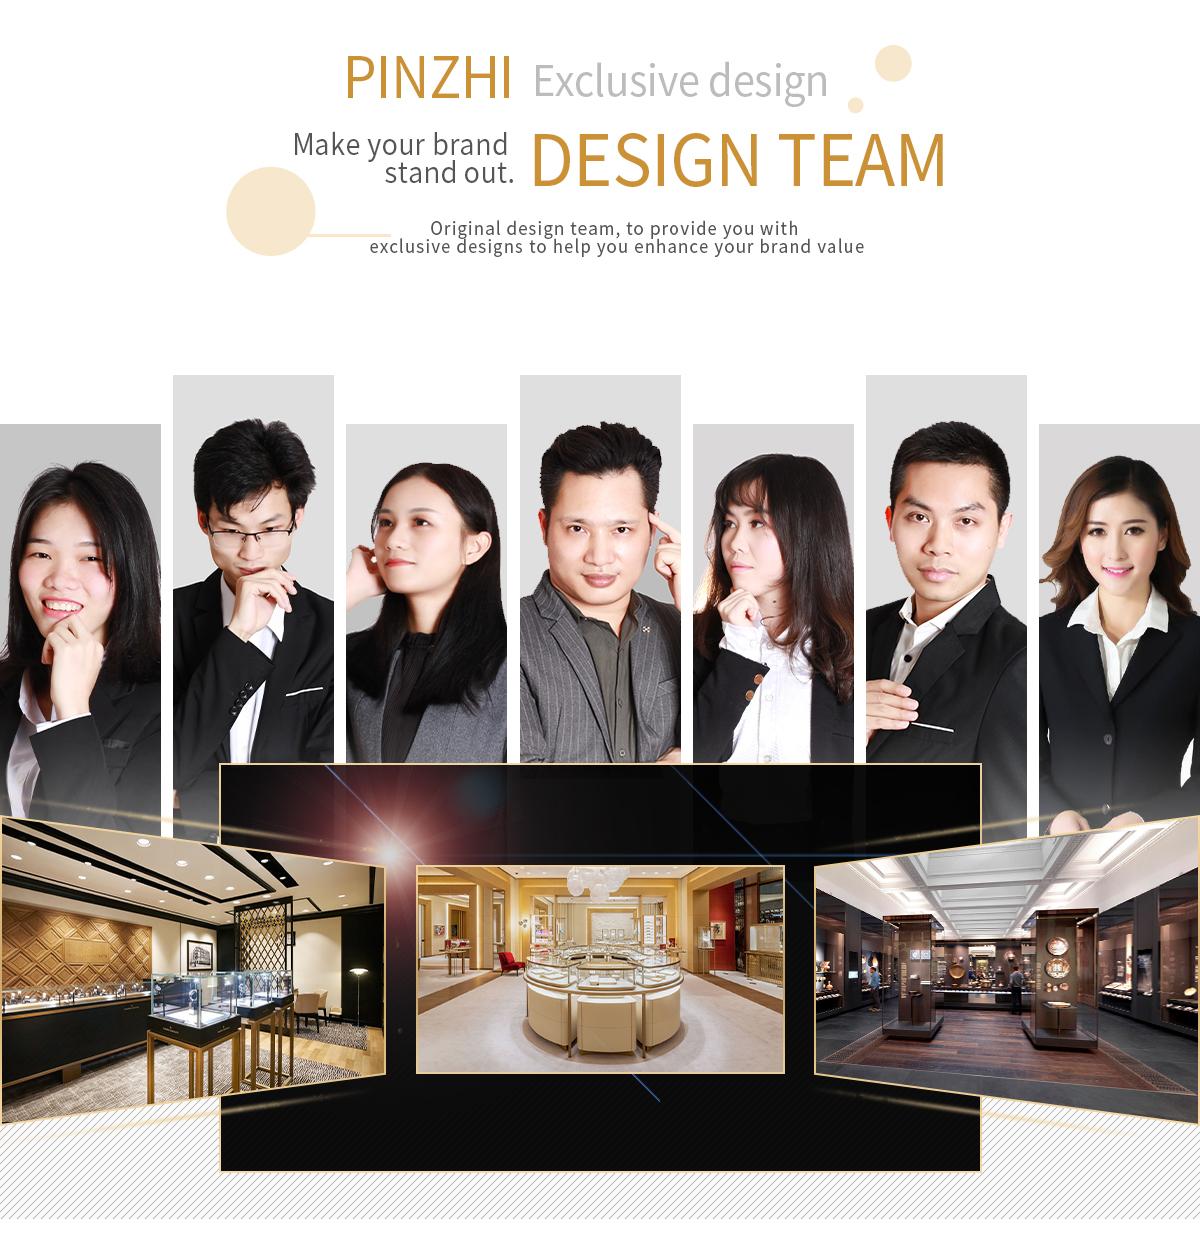 Pinzhi-design team